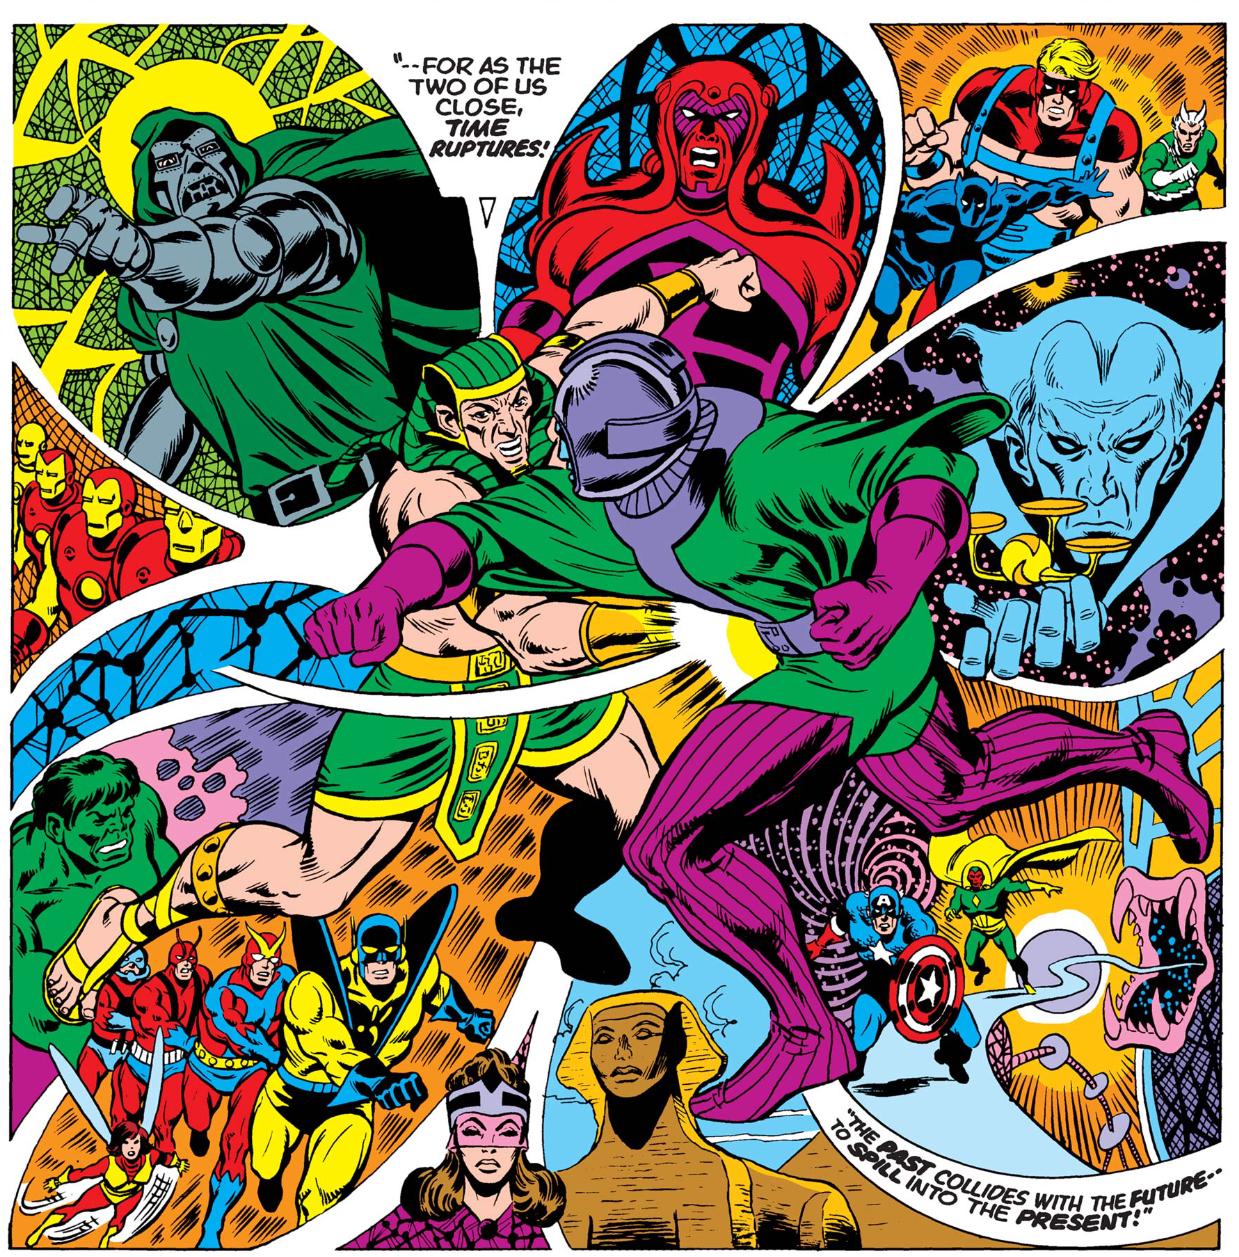 Kang in the Celestial Madonna saga comics